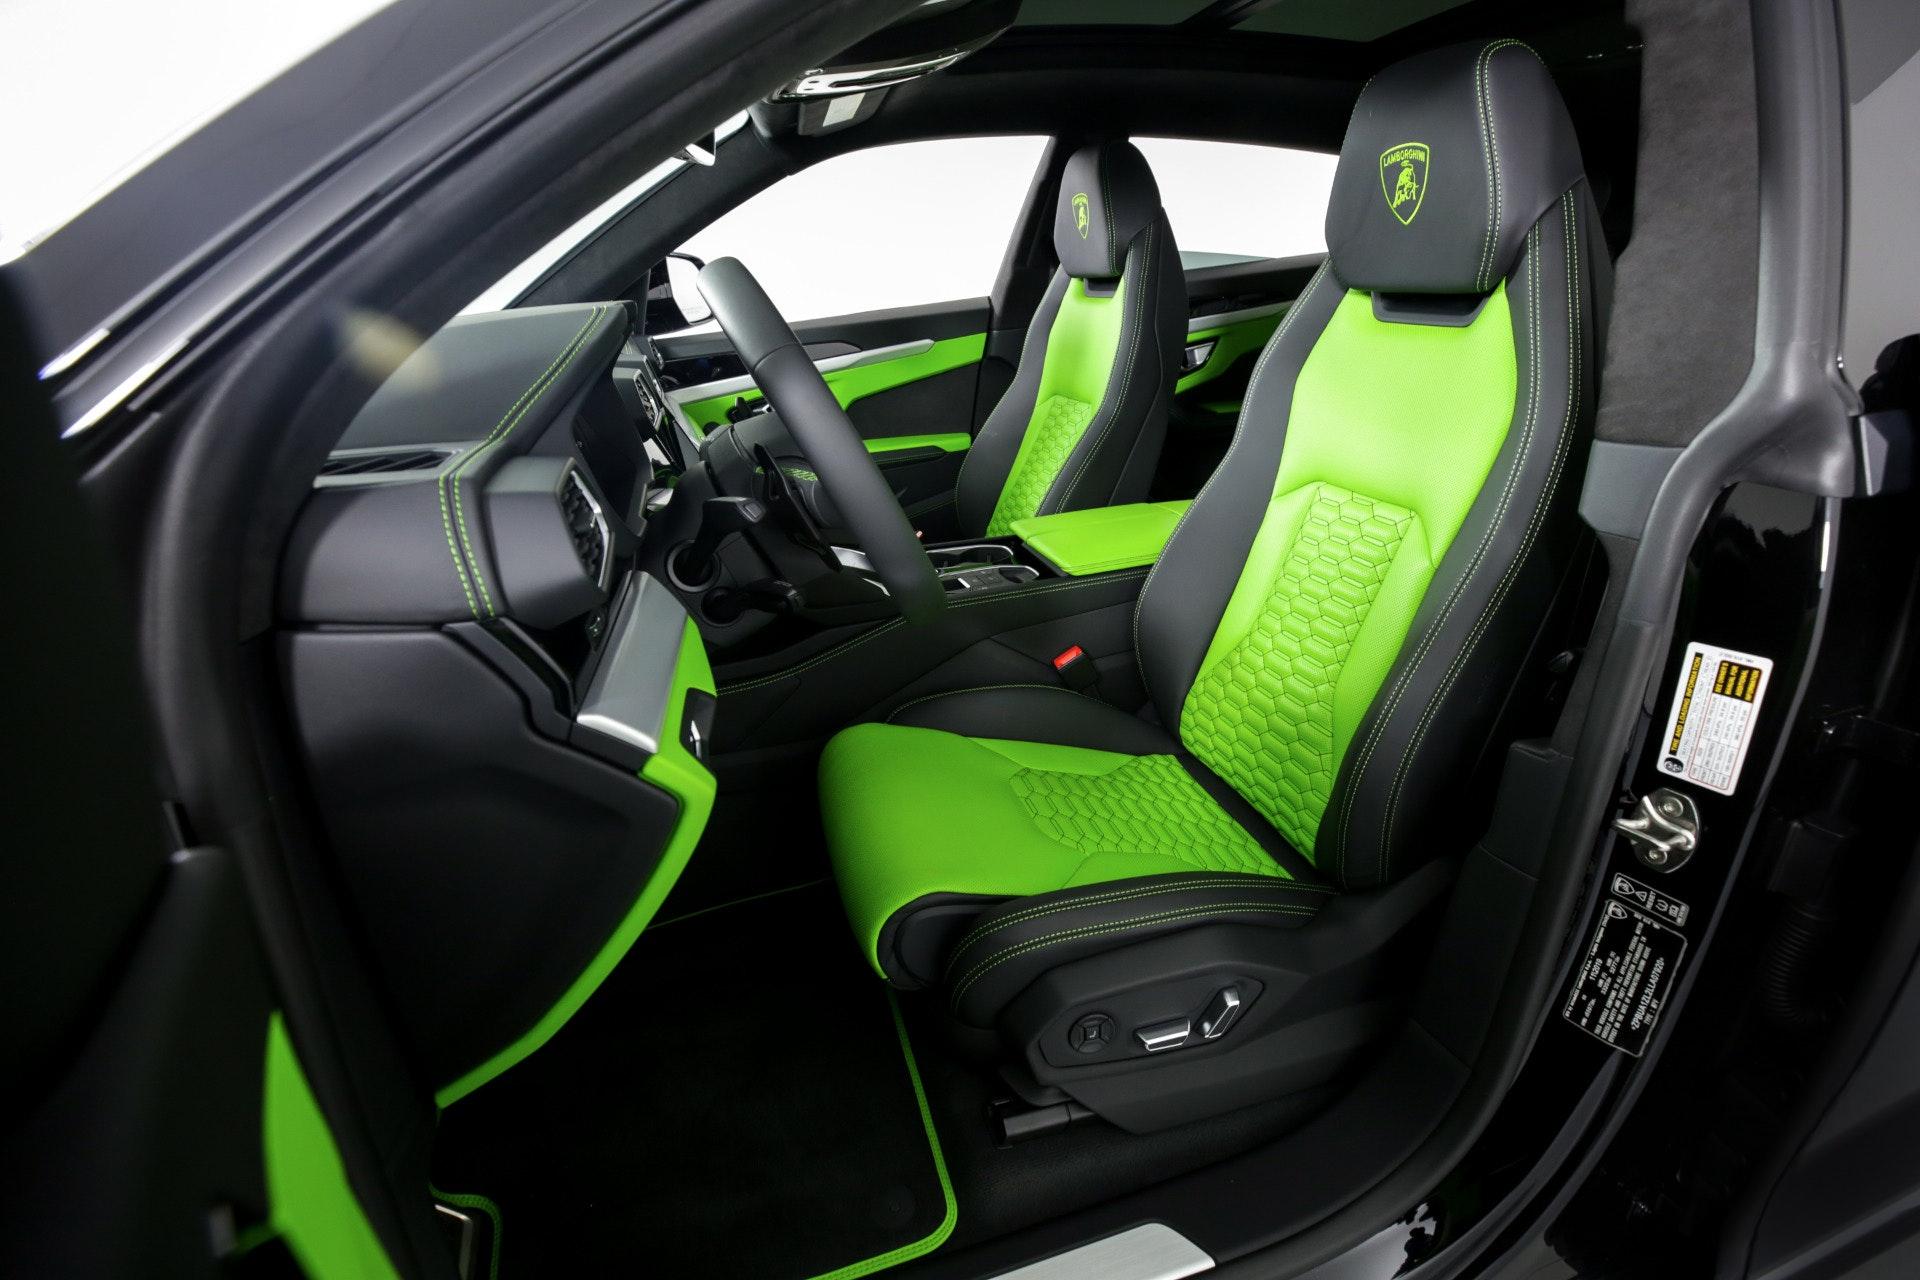 Miami Lamborghini Urus image #3